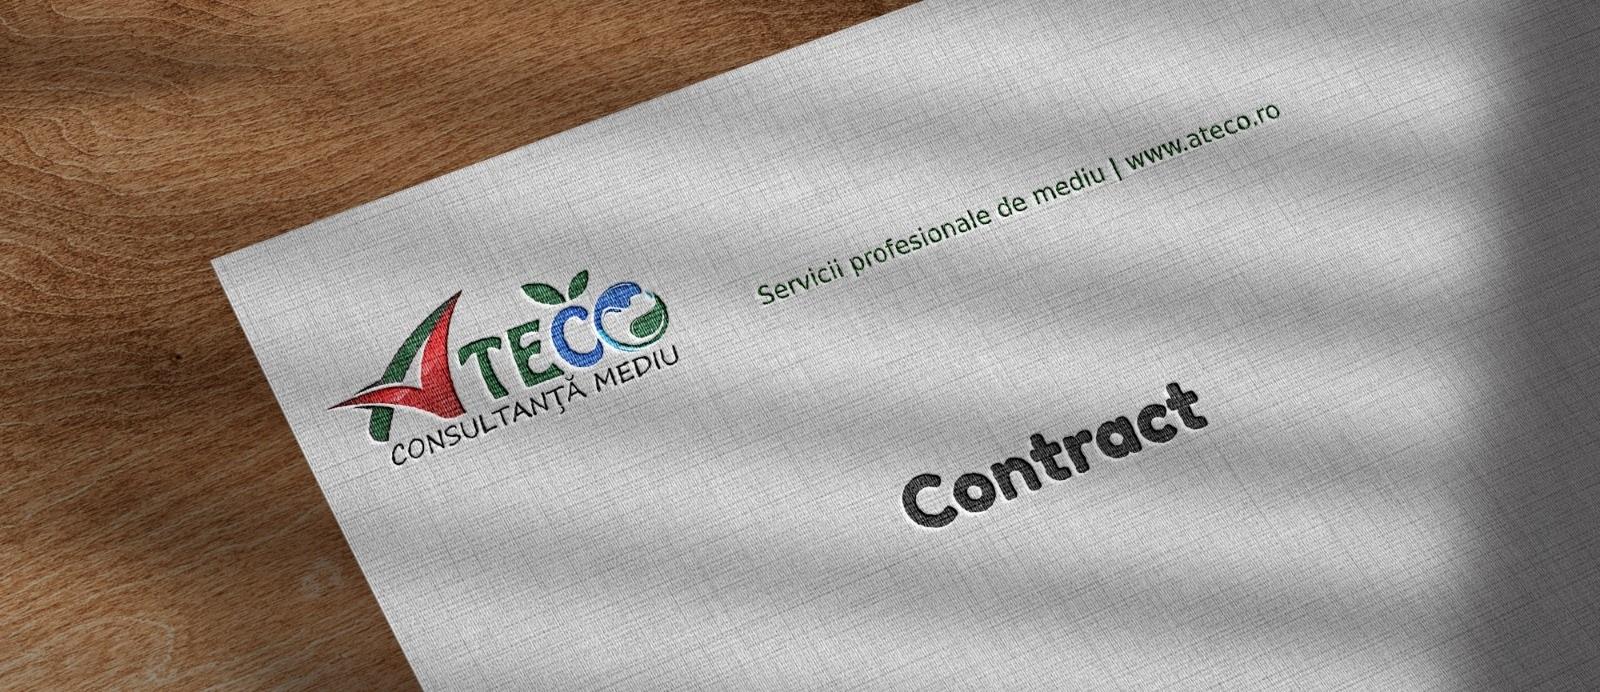 contract ateco